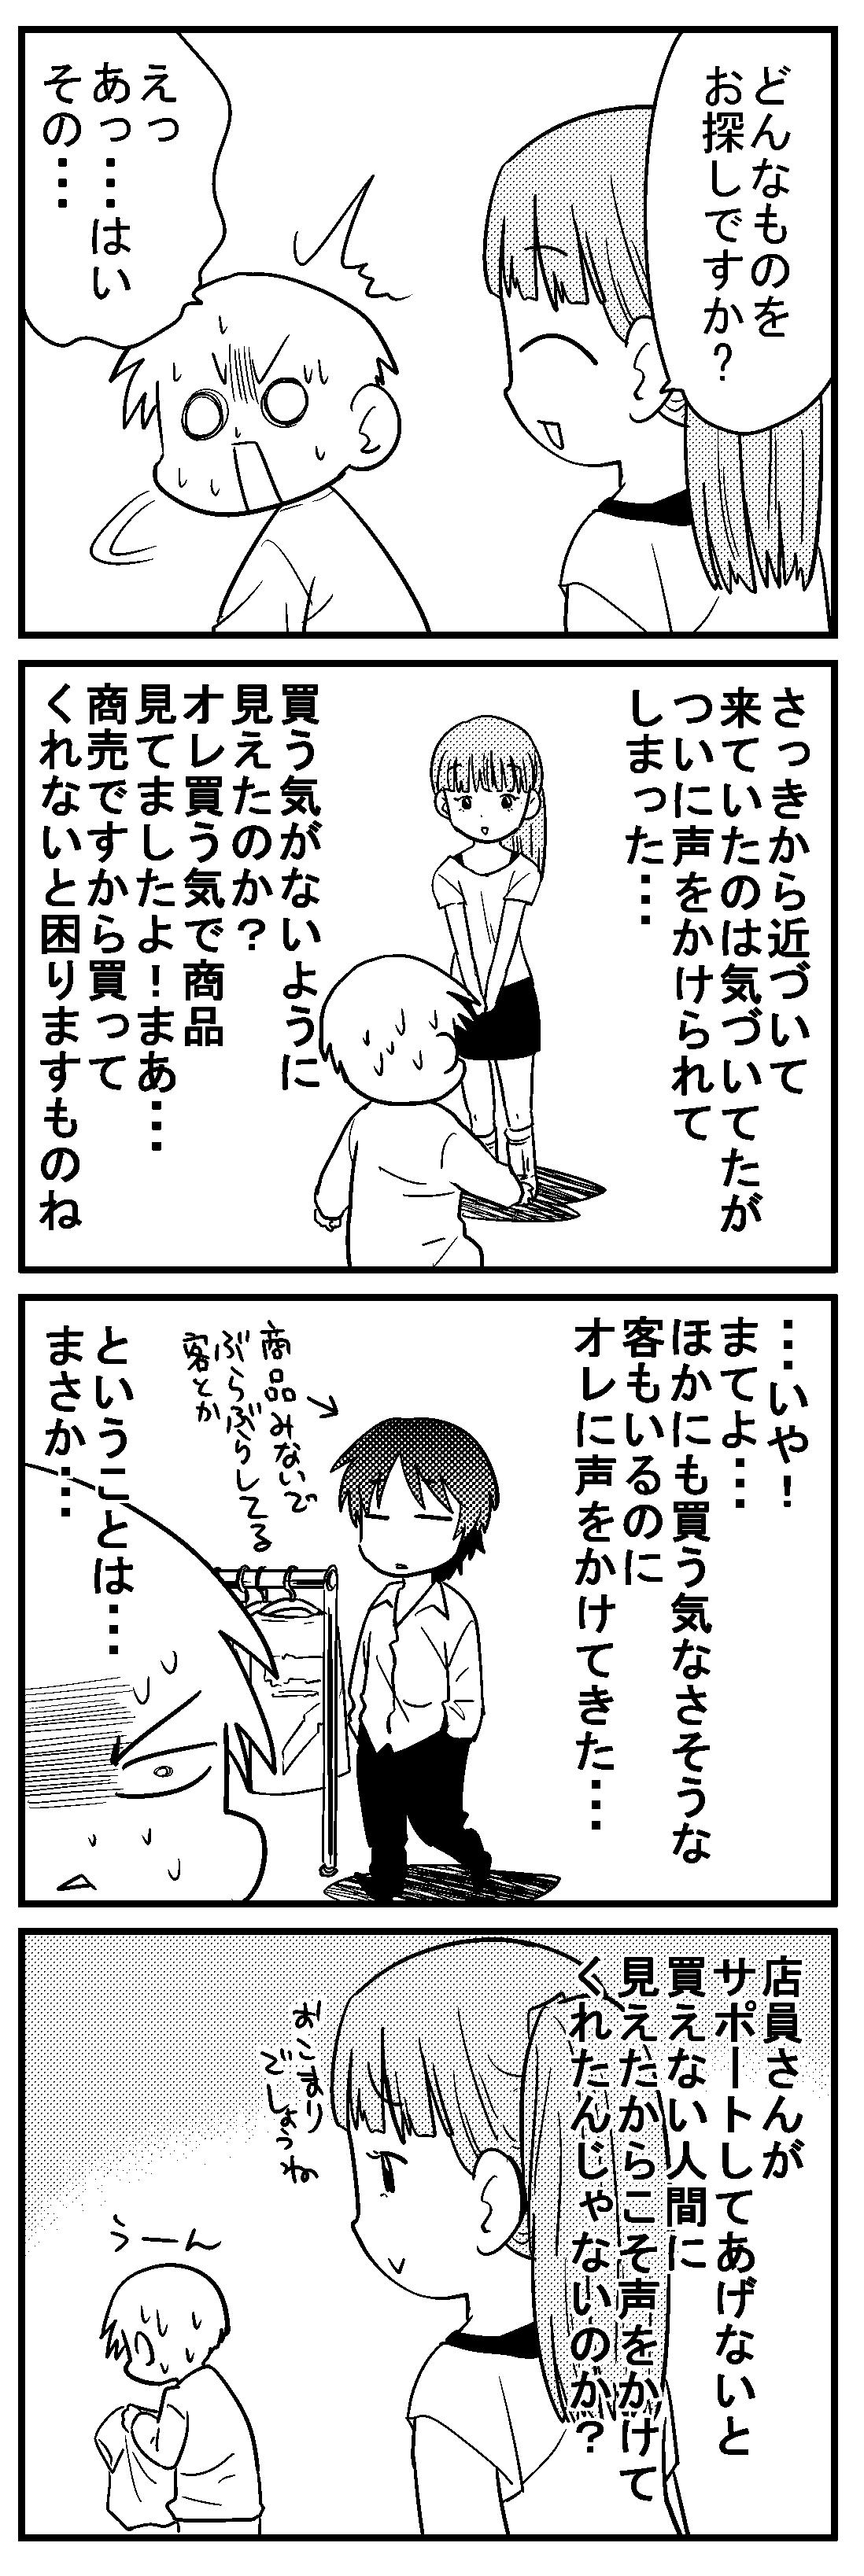 深読みくん35 3